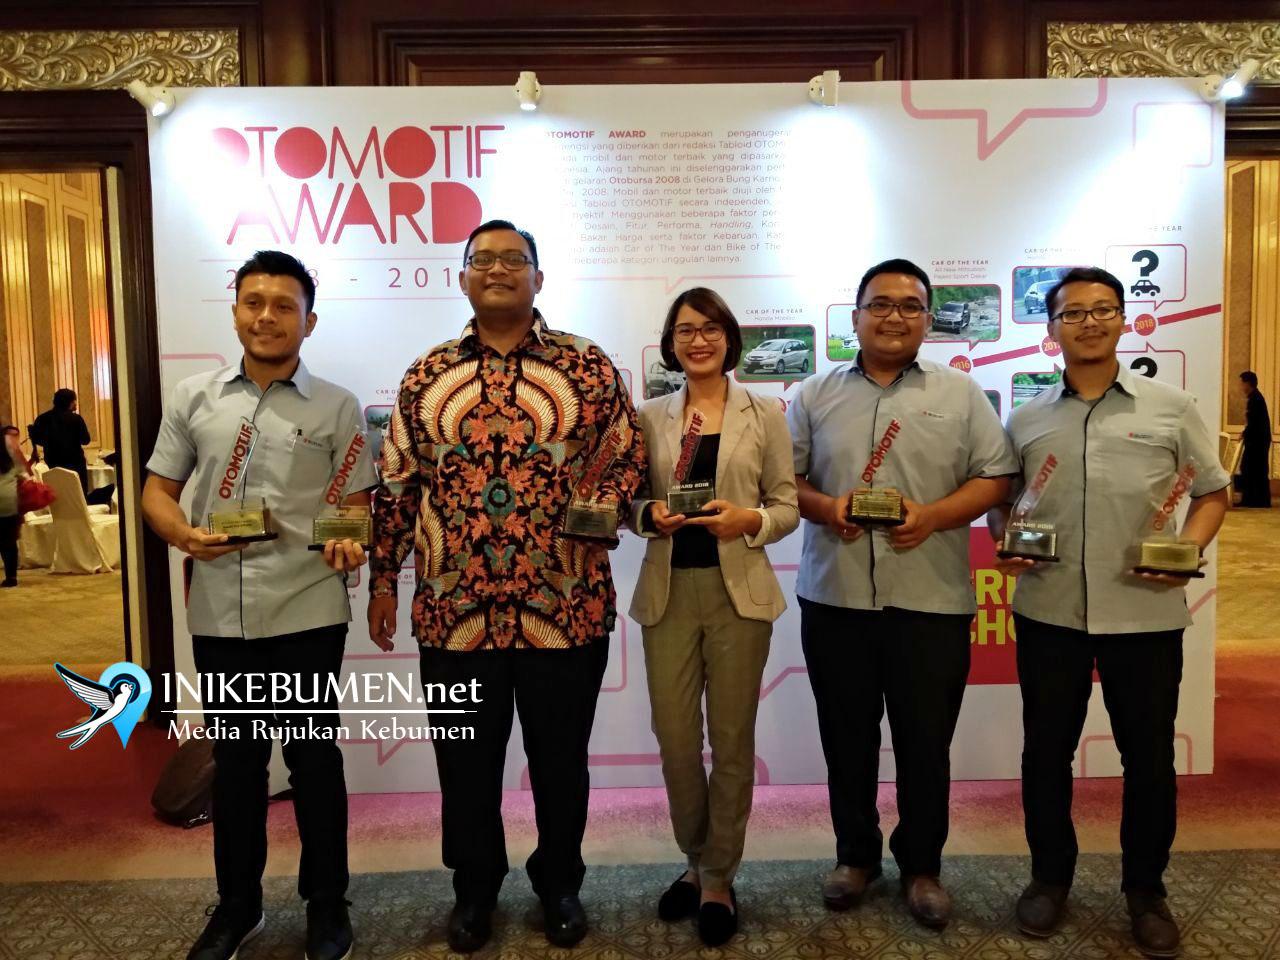 Ignis dan New SX4 S-Cross Raih Penghargaan Otomotif Award 2018